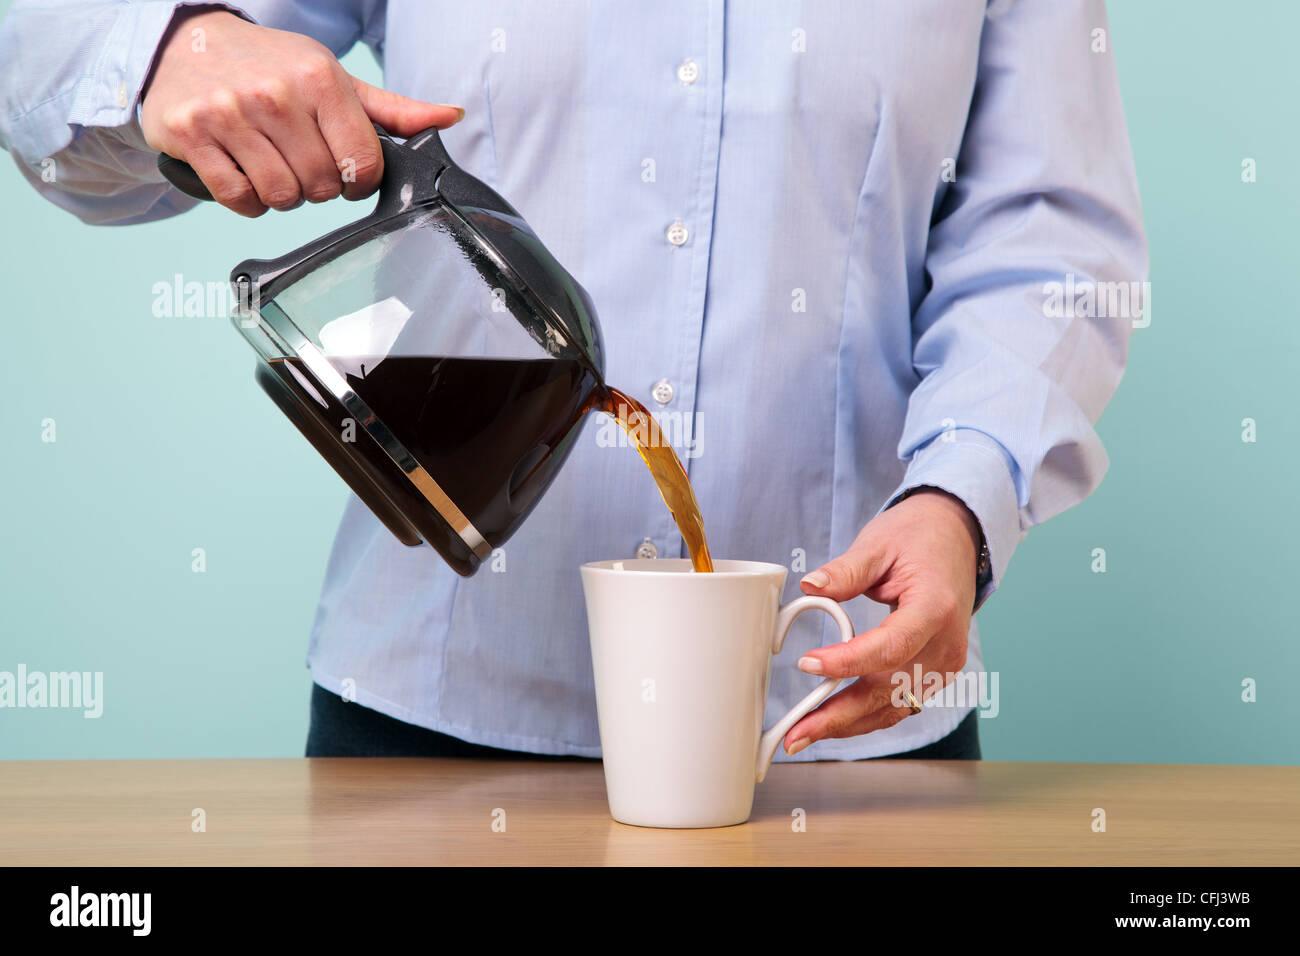 Foto von einer Frau auf ihren Durchbruch gießt sich eine Tasse heißen Filterkaffee aus Glas. Stockbild